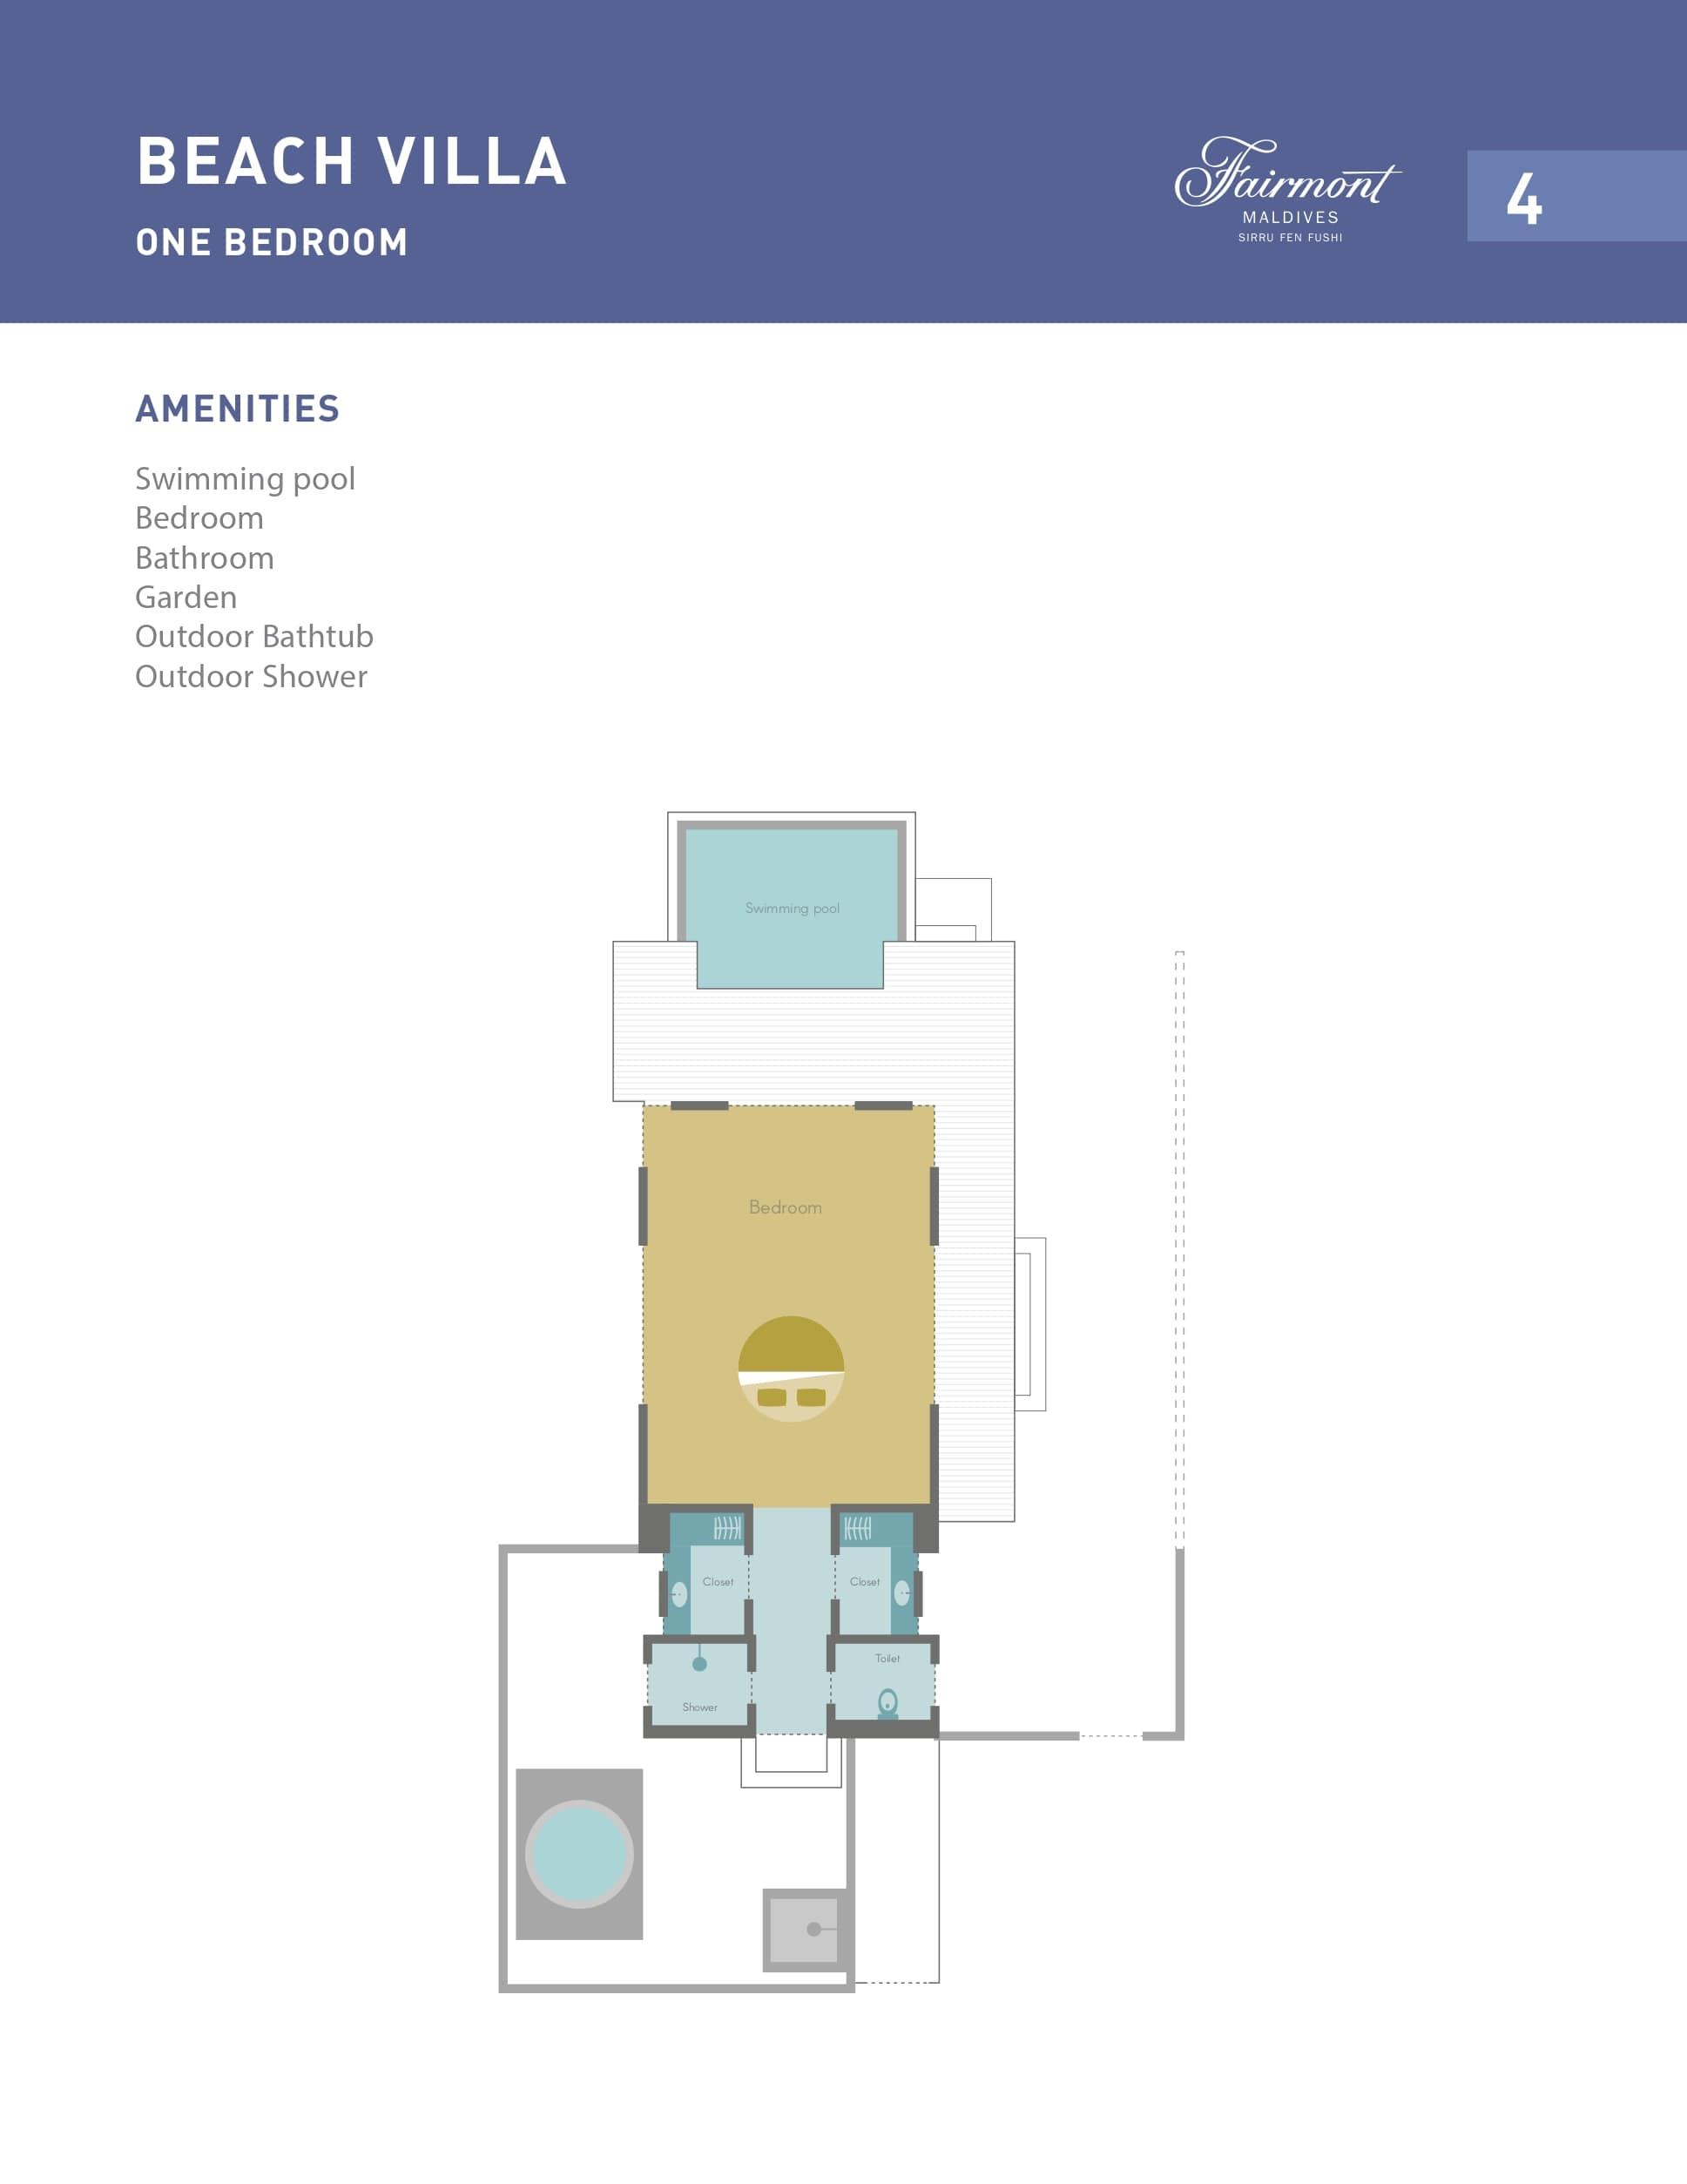 Мальдивы, отель Fairmont Maldives Sirru Fen Fushi, план-схема номера Beach Villa